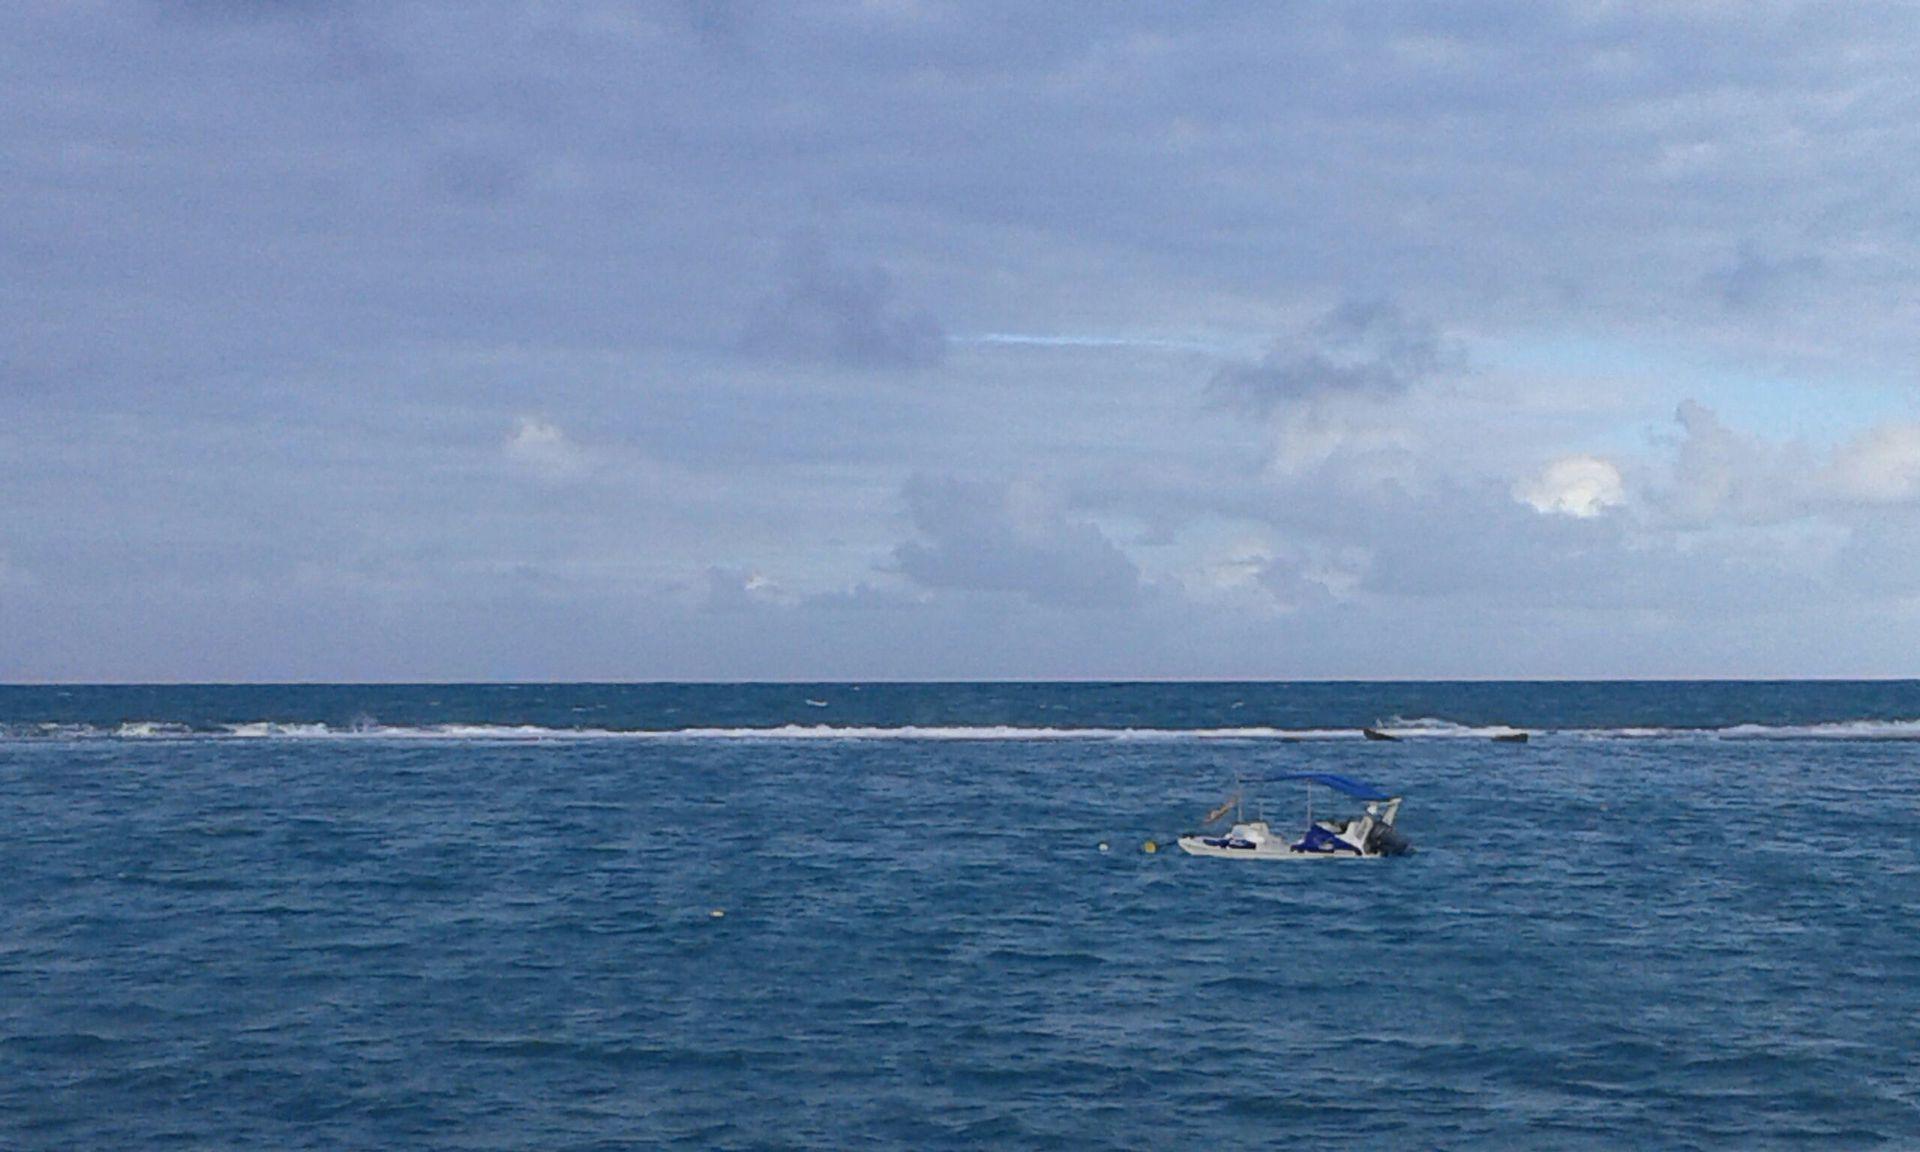 La línea blanca que se ve en el agua son olas chocando sobre la barrera de corales